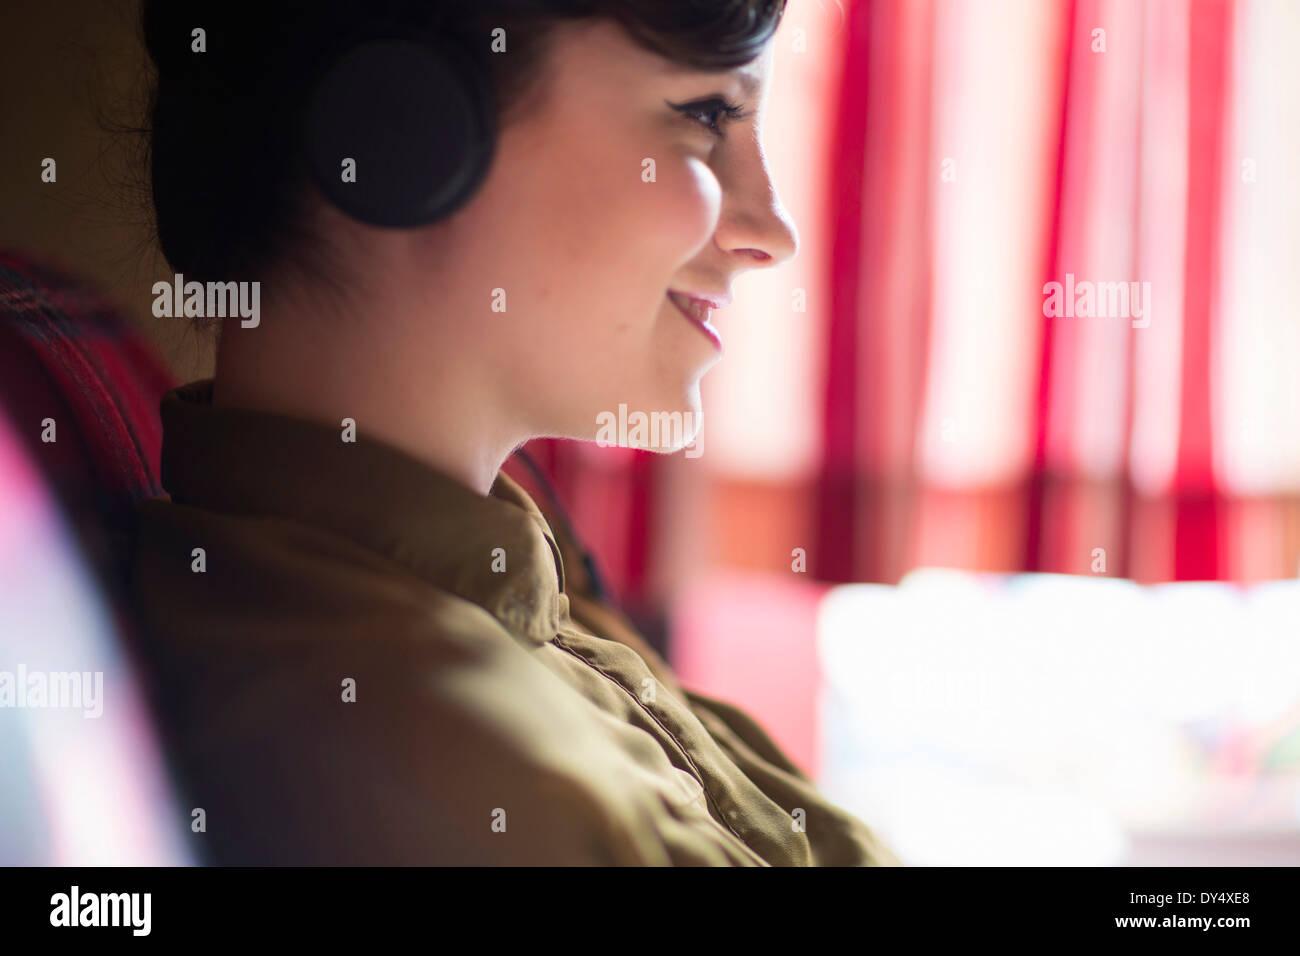 Jeune femme assise sur un canapé, listening to music on headphones Banque D'Images